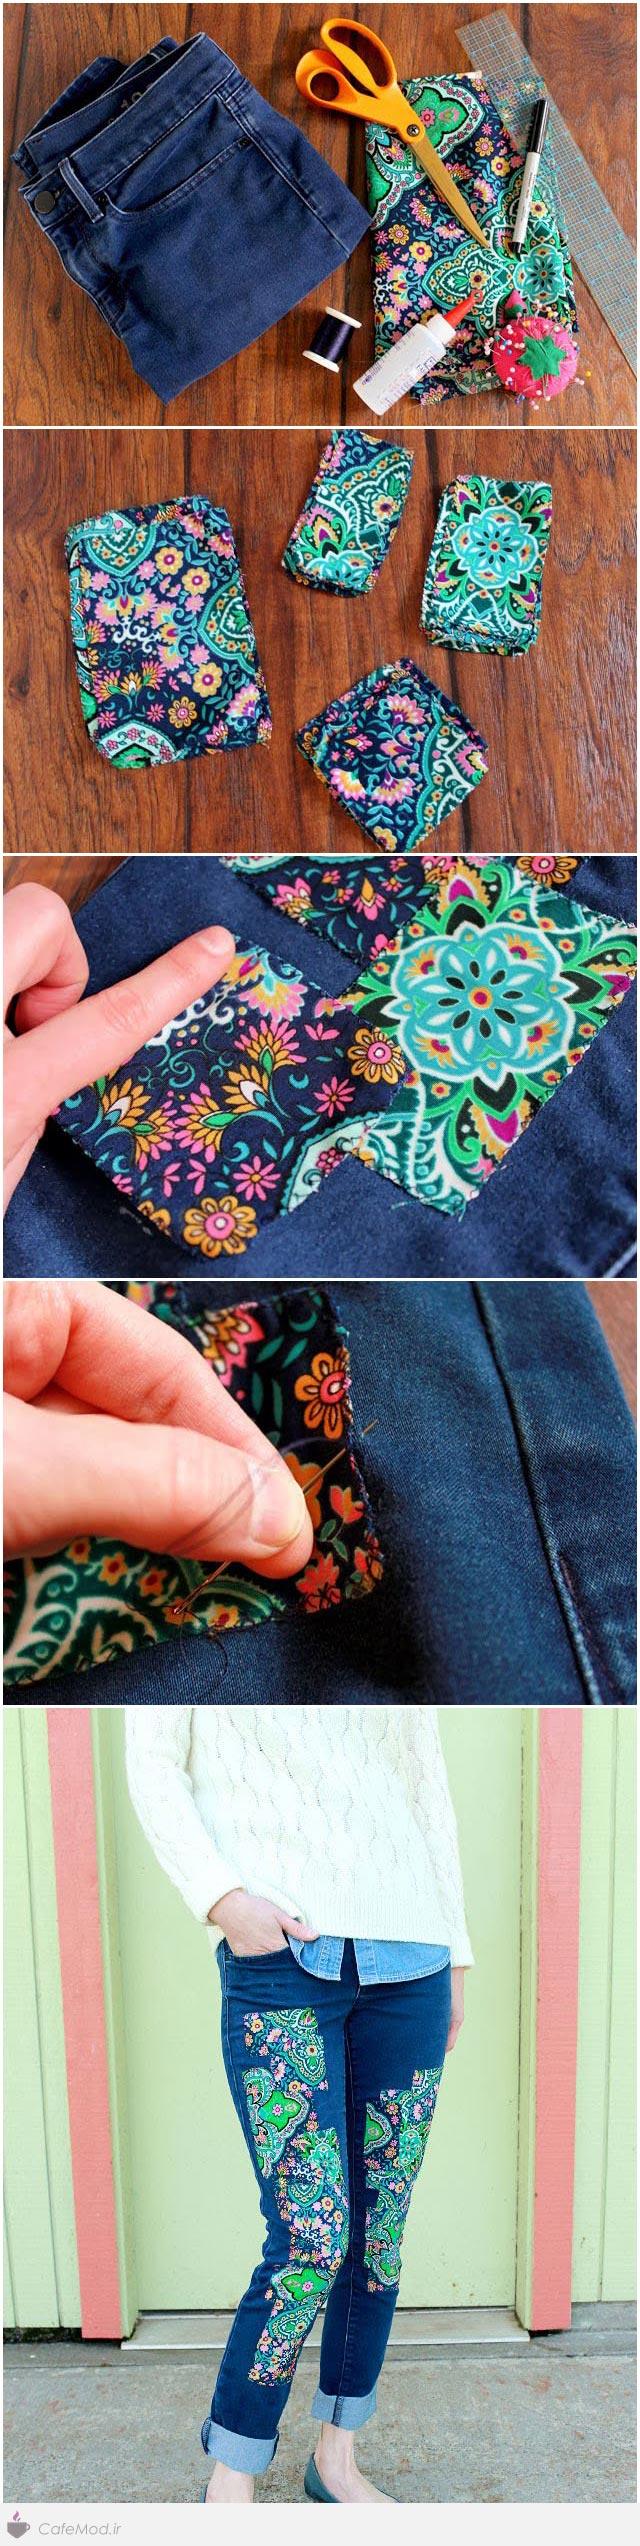 تزئین شلوار لی با پارچه